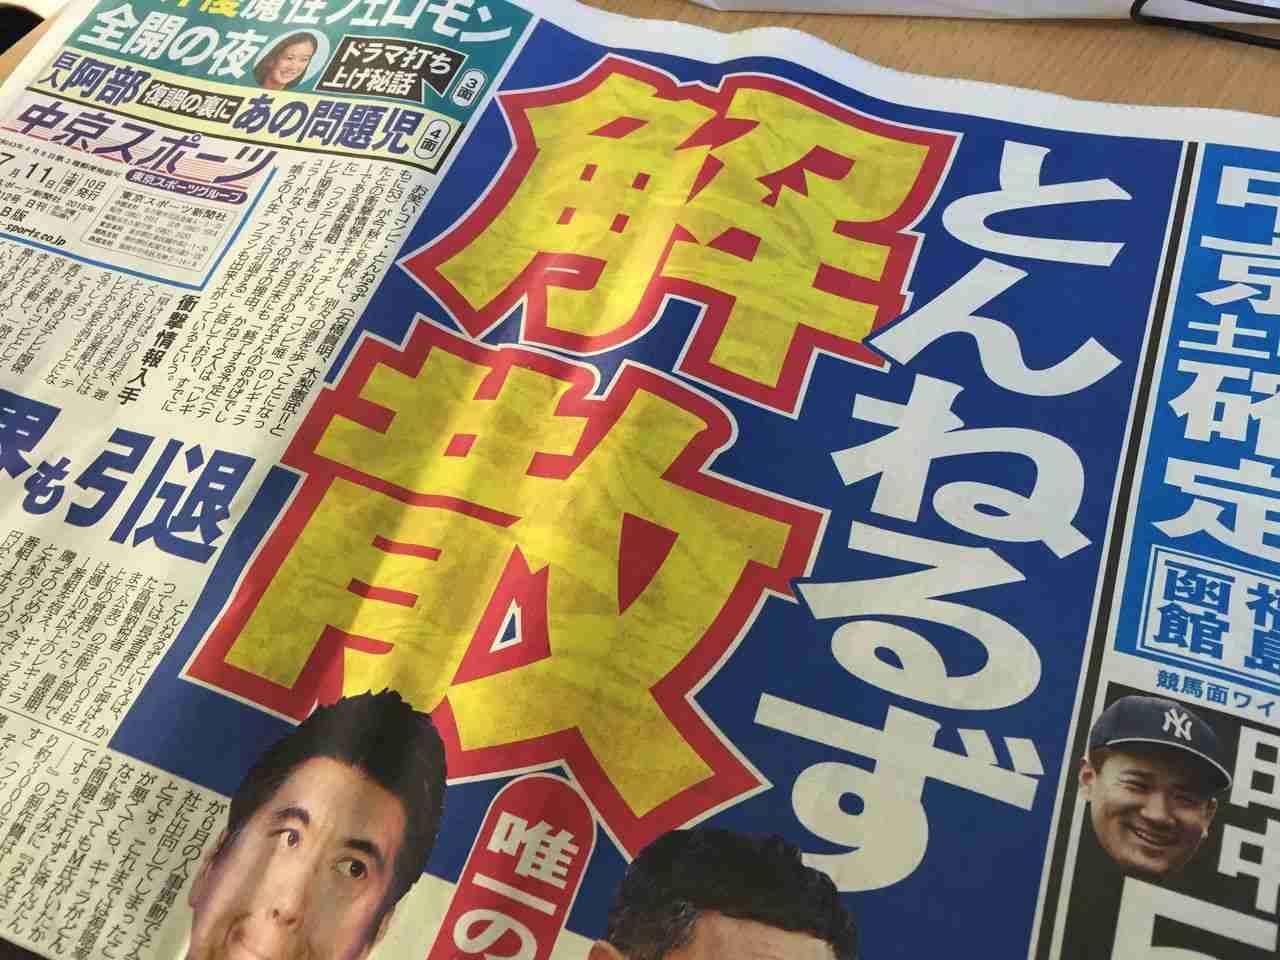 とんねるずの引退報道に騒然、「冠番組終了で決断」と東スポが報道。